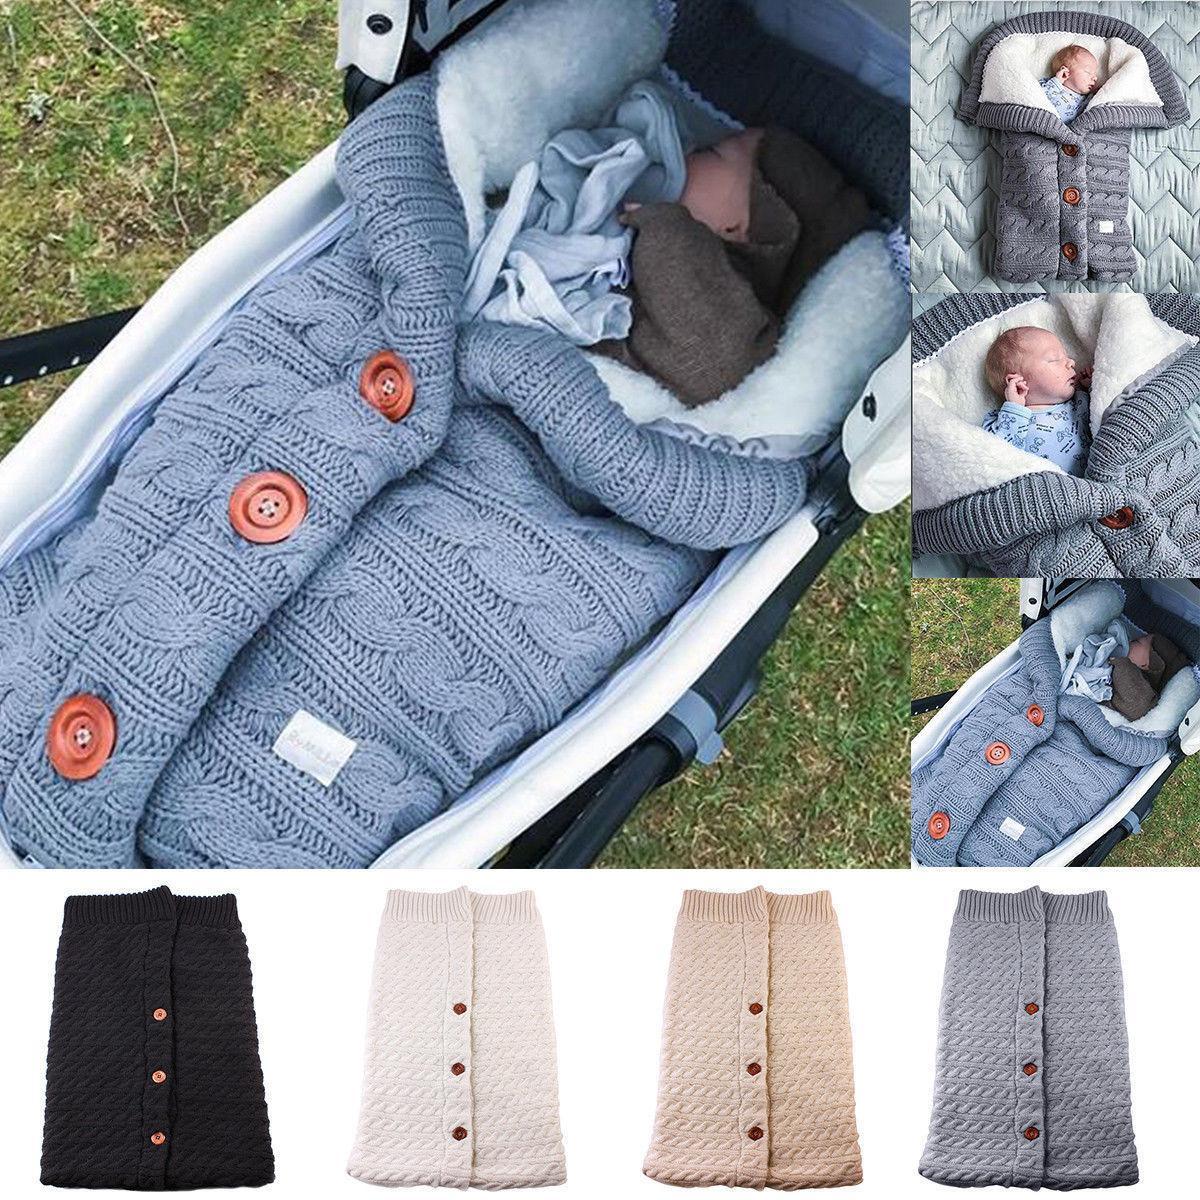 Neugeborene Baby-Winter-warme Schlafsäcke Baby-Knopf Knit Swaddle Wrap Swaddling Spaziergänger Wrap Kleinkind-Decke Schlafsäcke